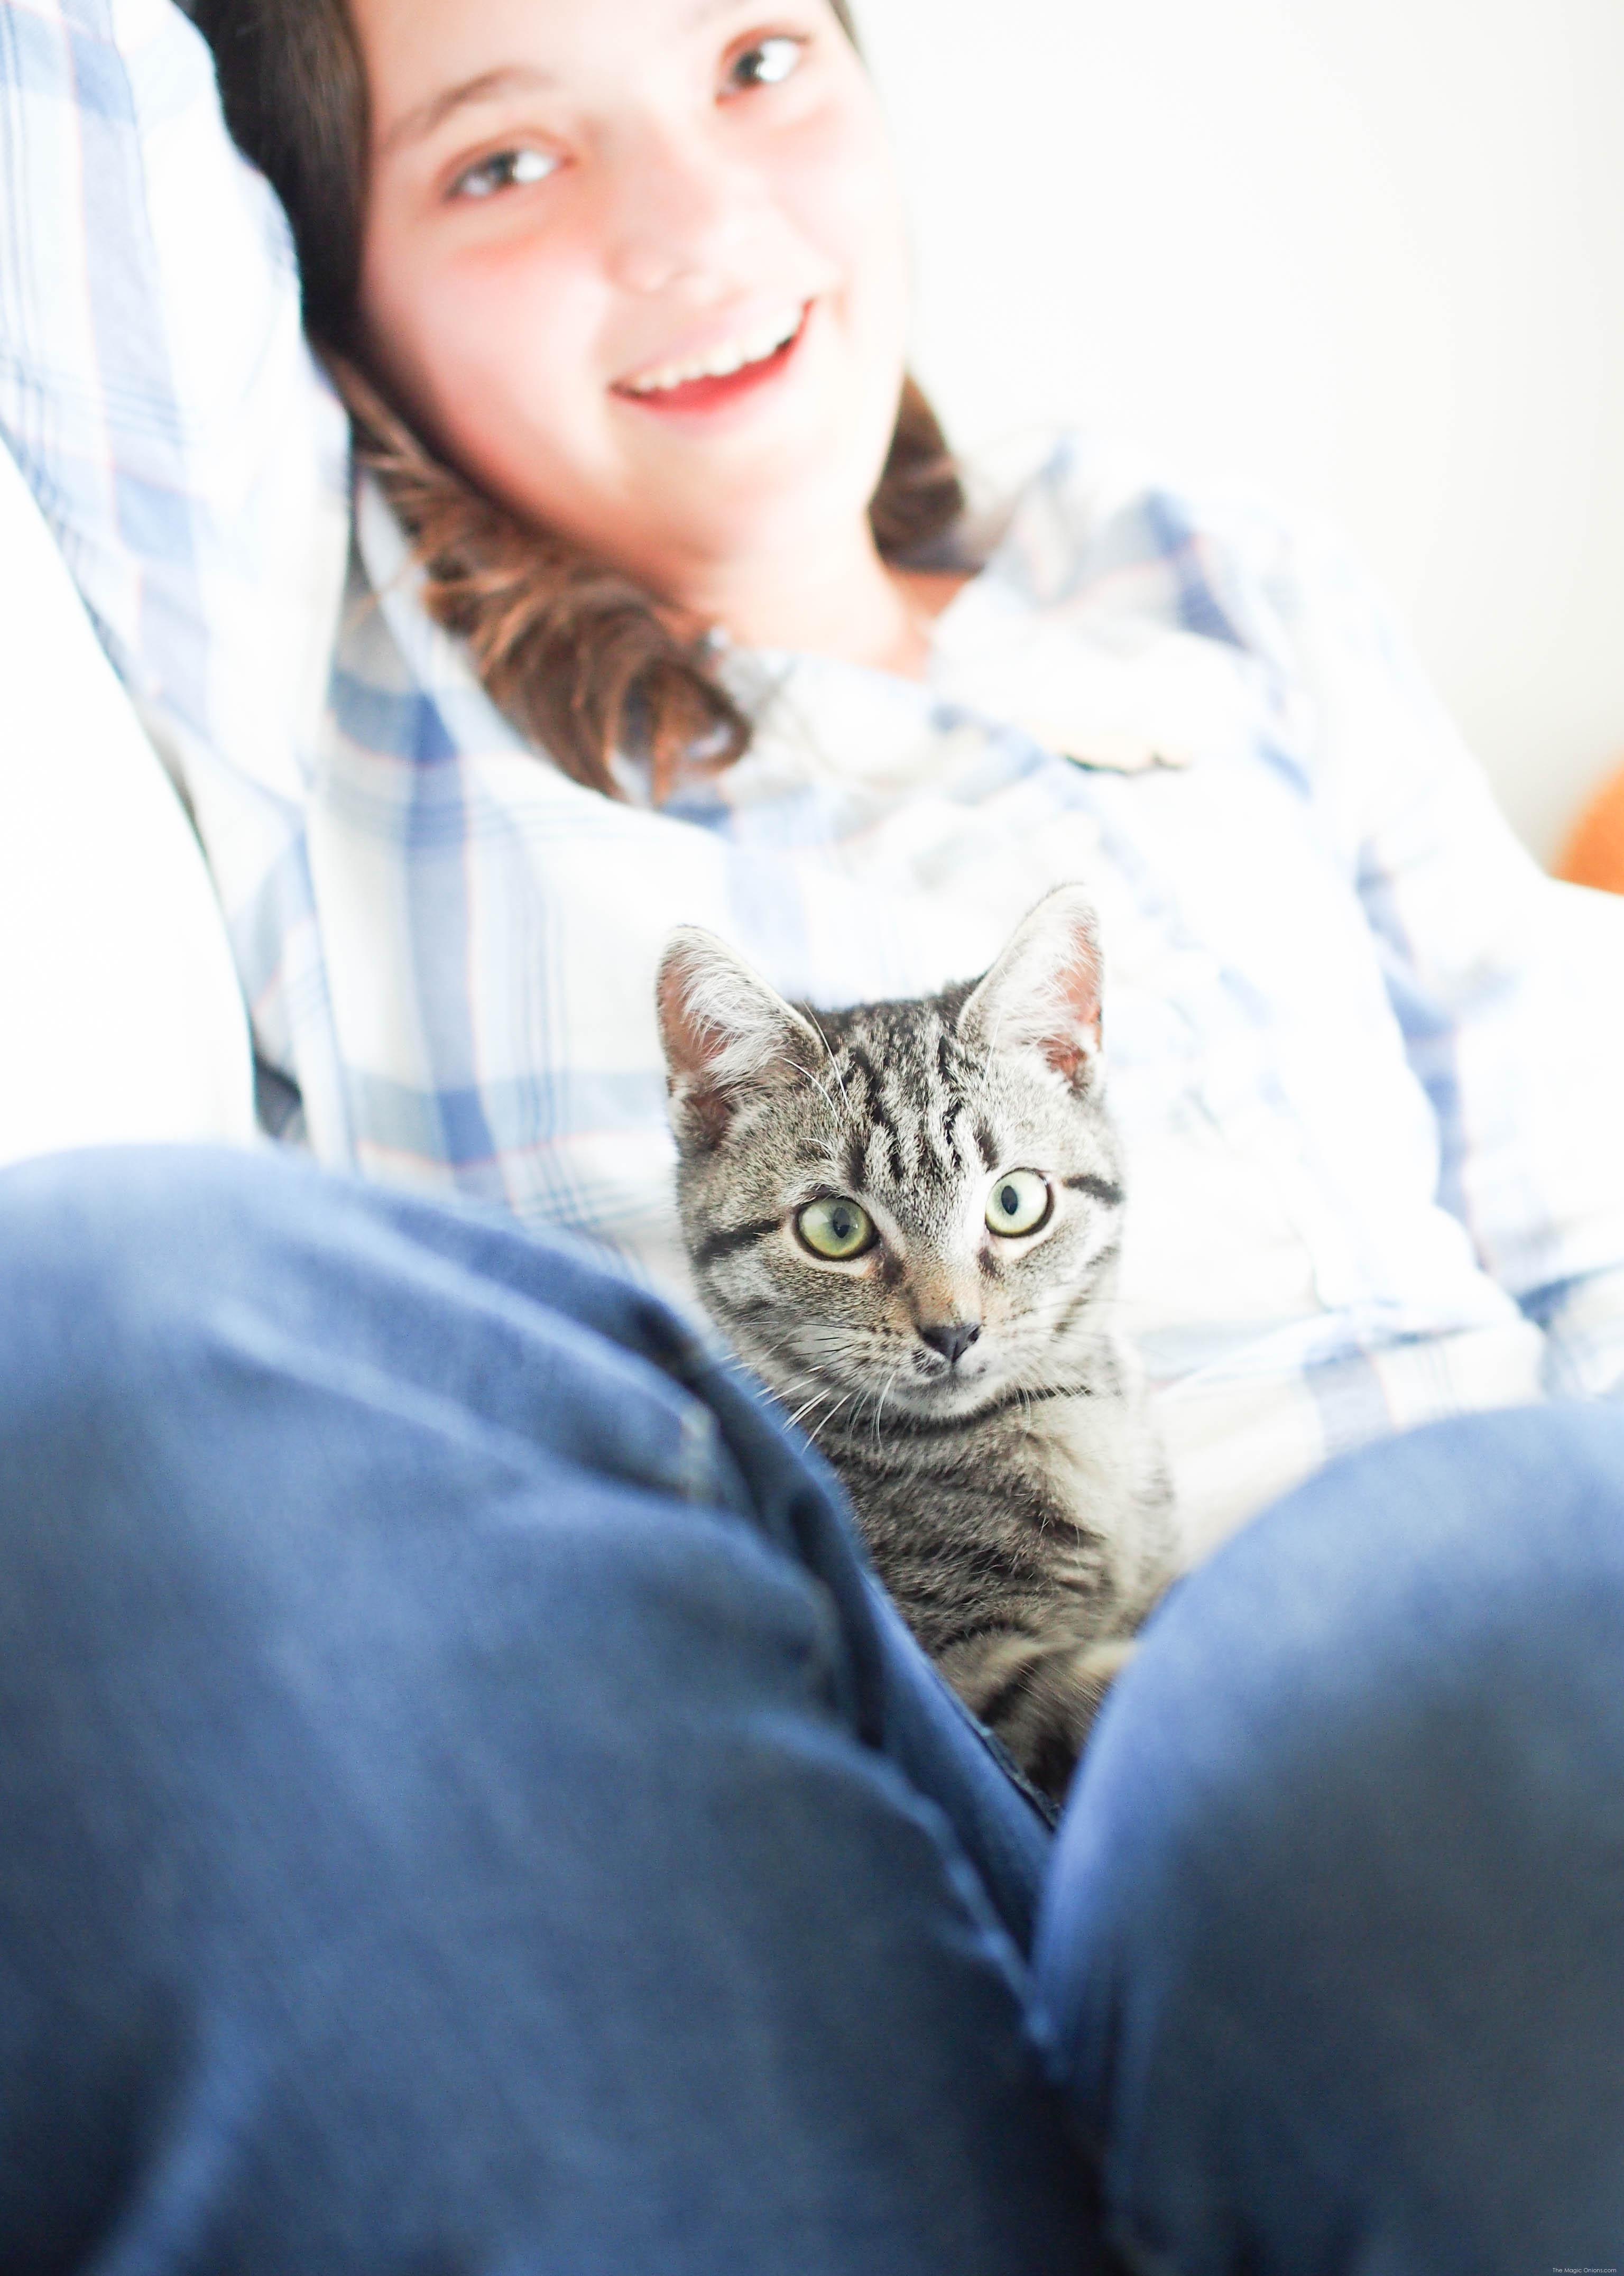 Kitten Flint :: www.theMagicOnions.com